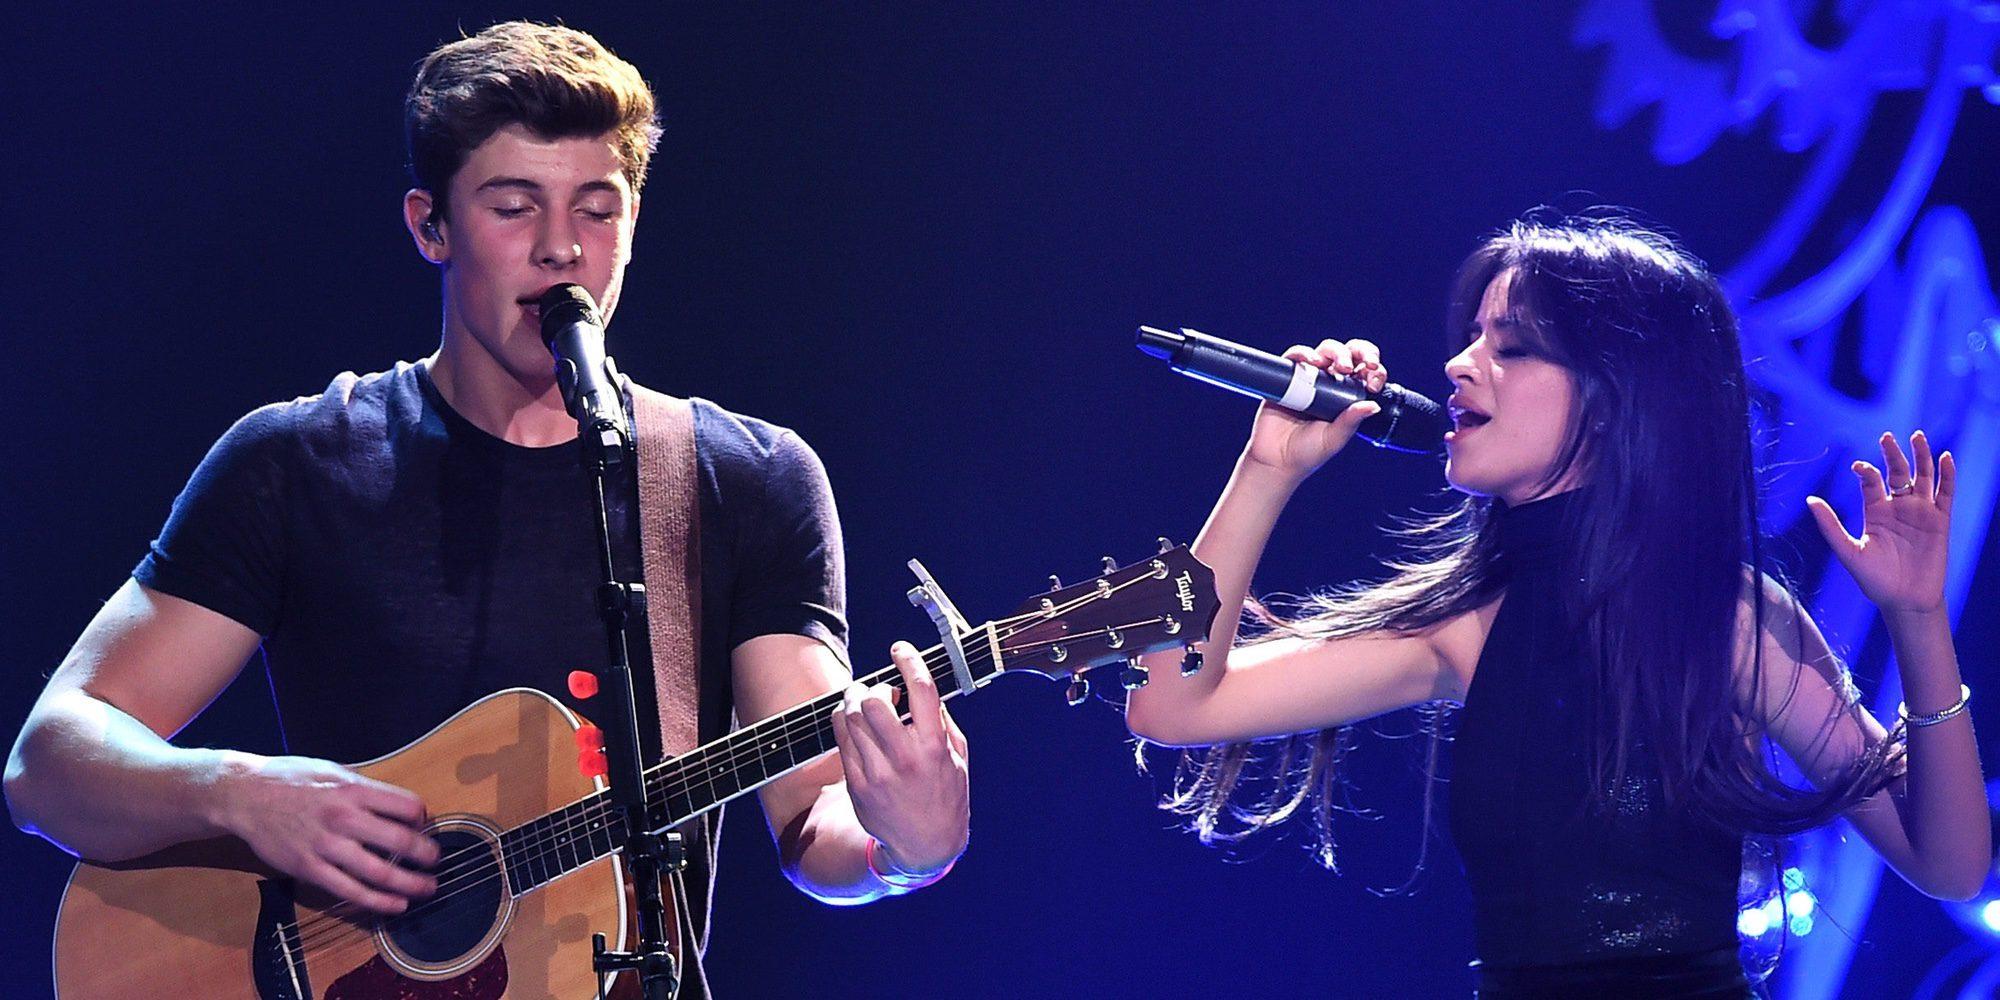 Shawn Mendes y Camila Cabello se muestran de lo más cariñosos en Nueva York desatando rumores de relación